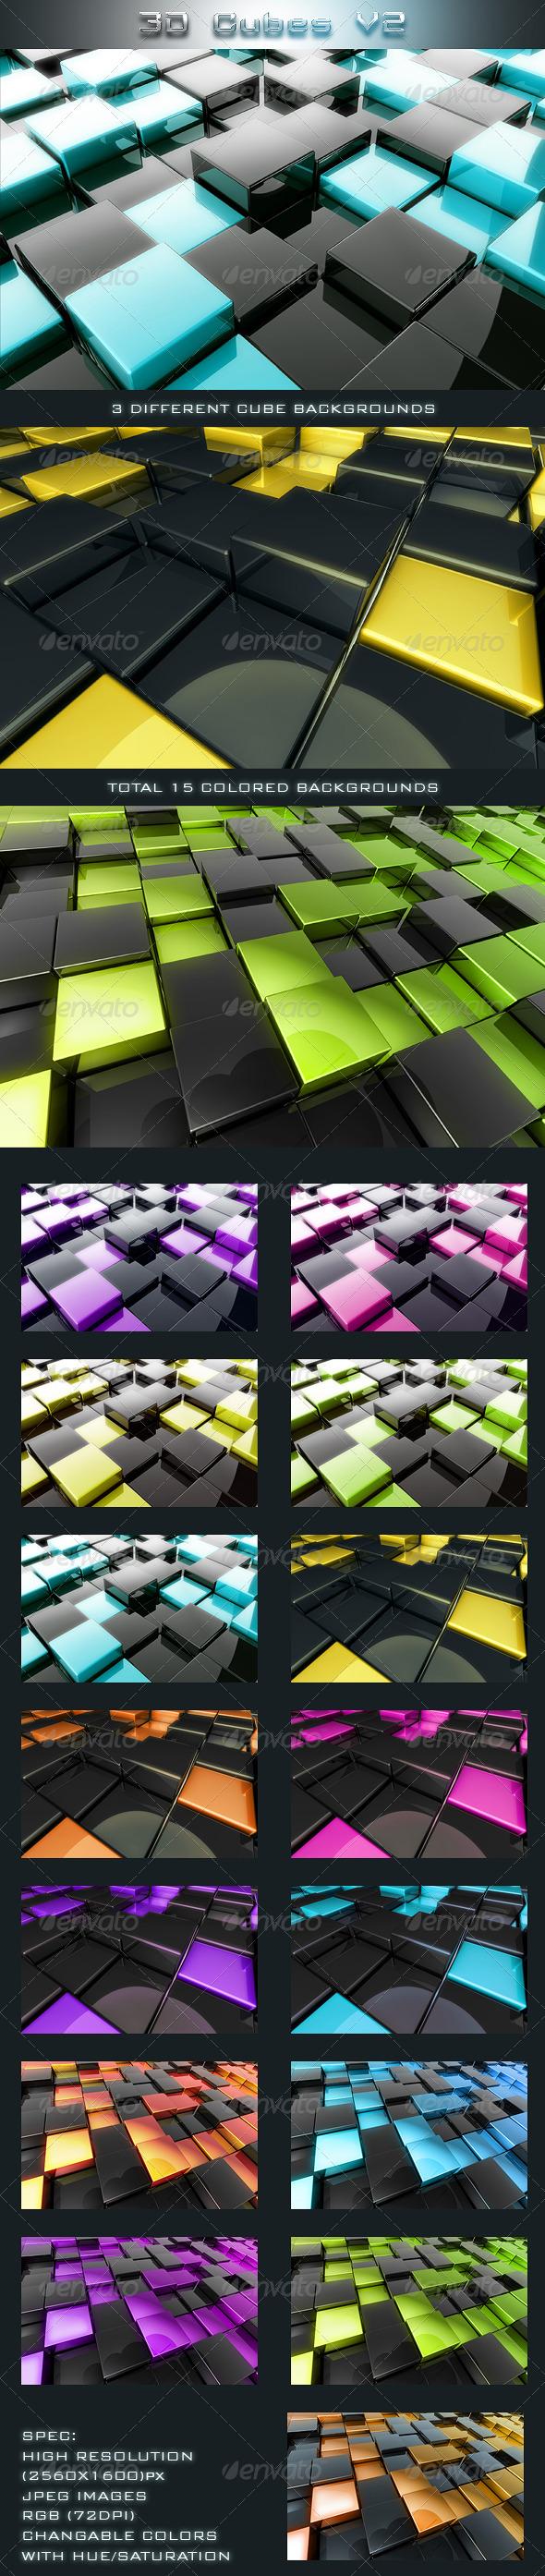 3D Cubes V2 - 3D Backgrounds